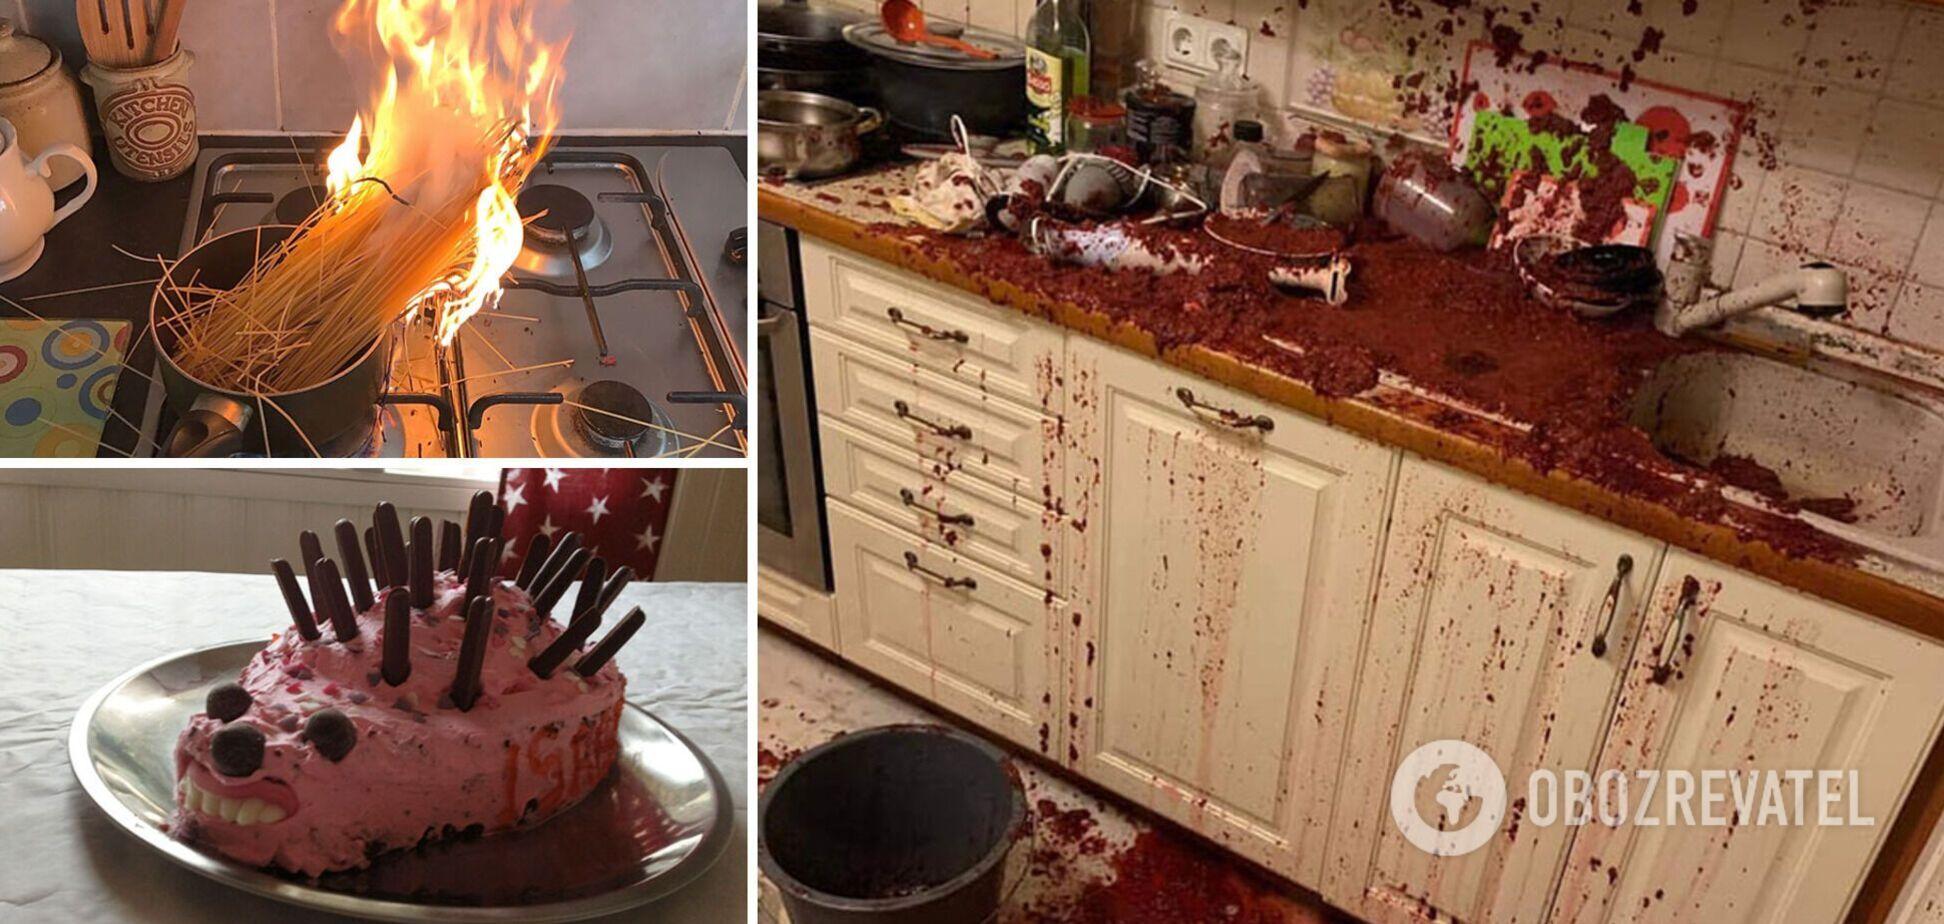 Кухонные поверхности сильно пострадали